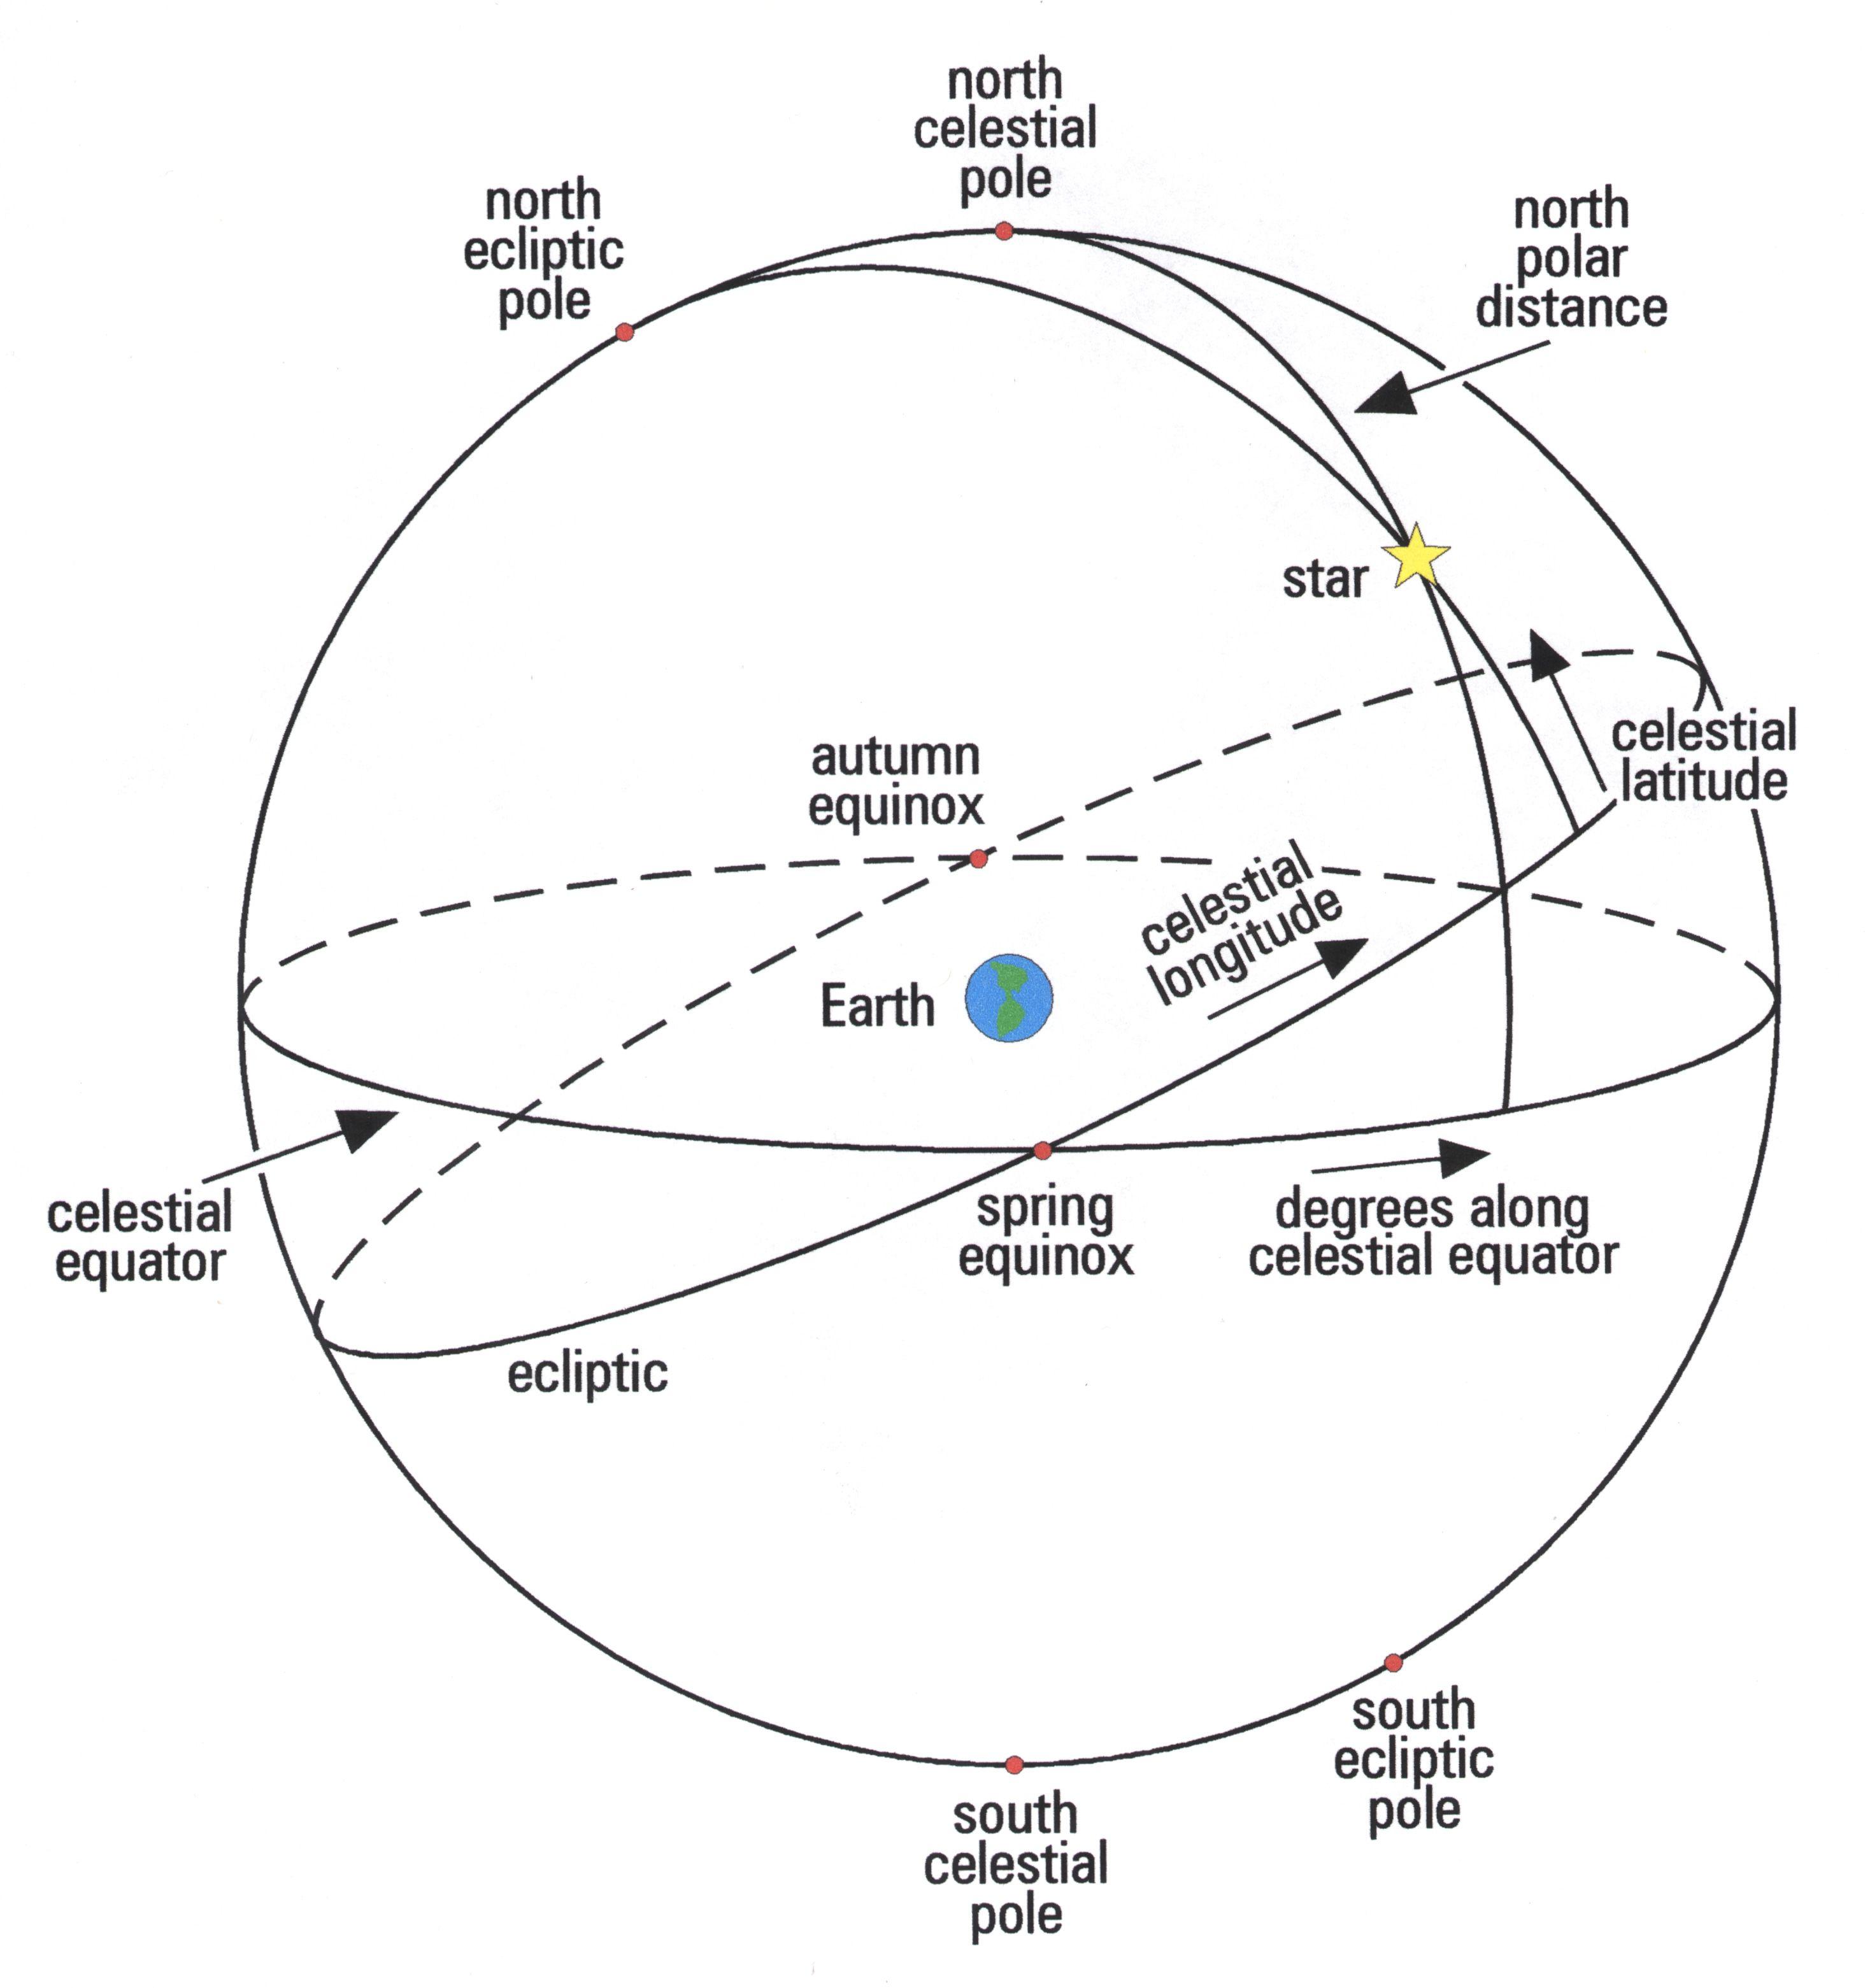 diagram of the celestial sphere http//www.hps.cam.ac.uk/starry ...